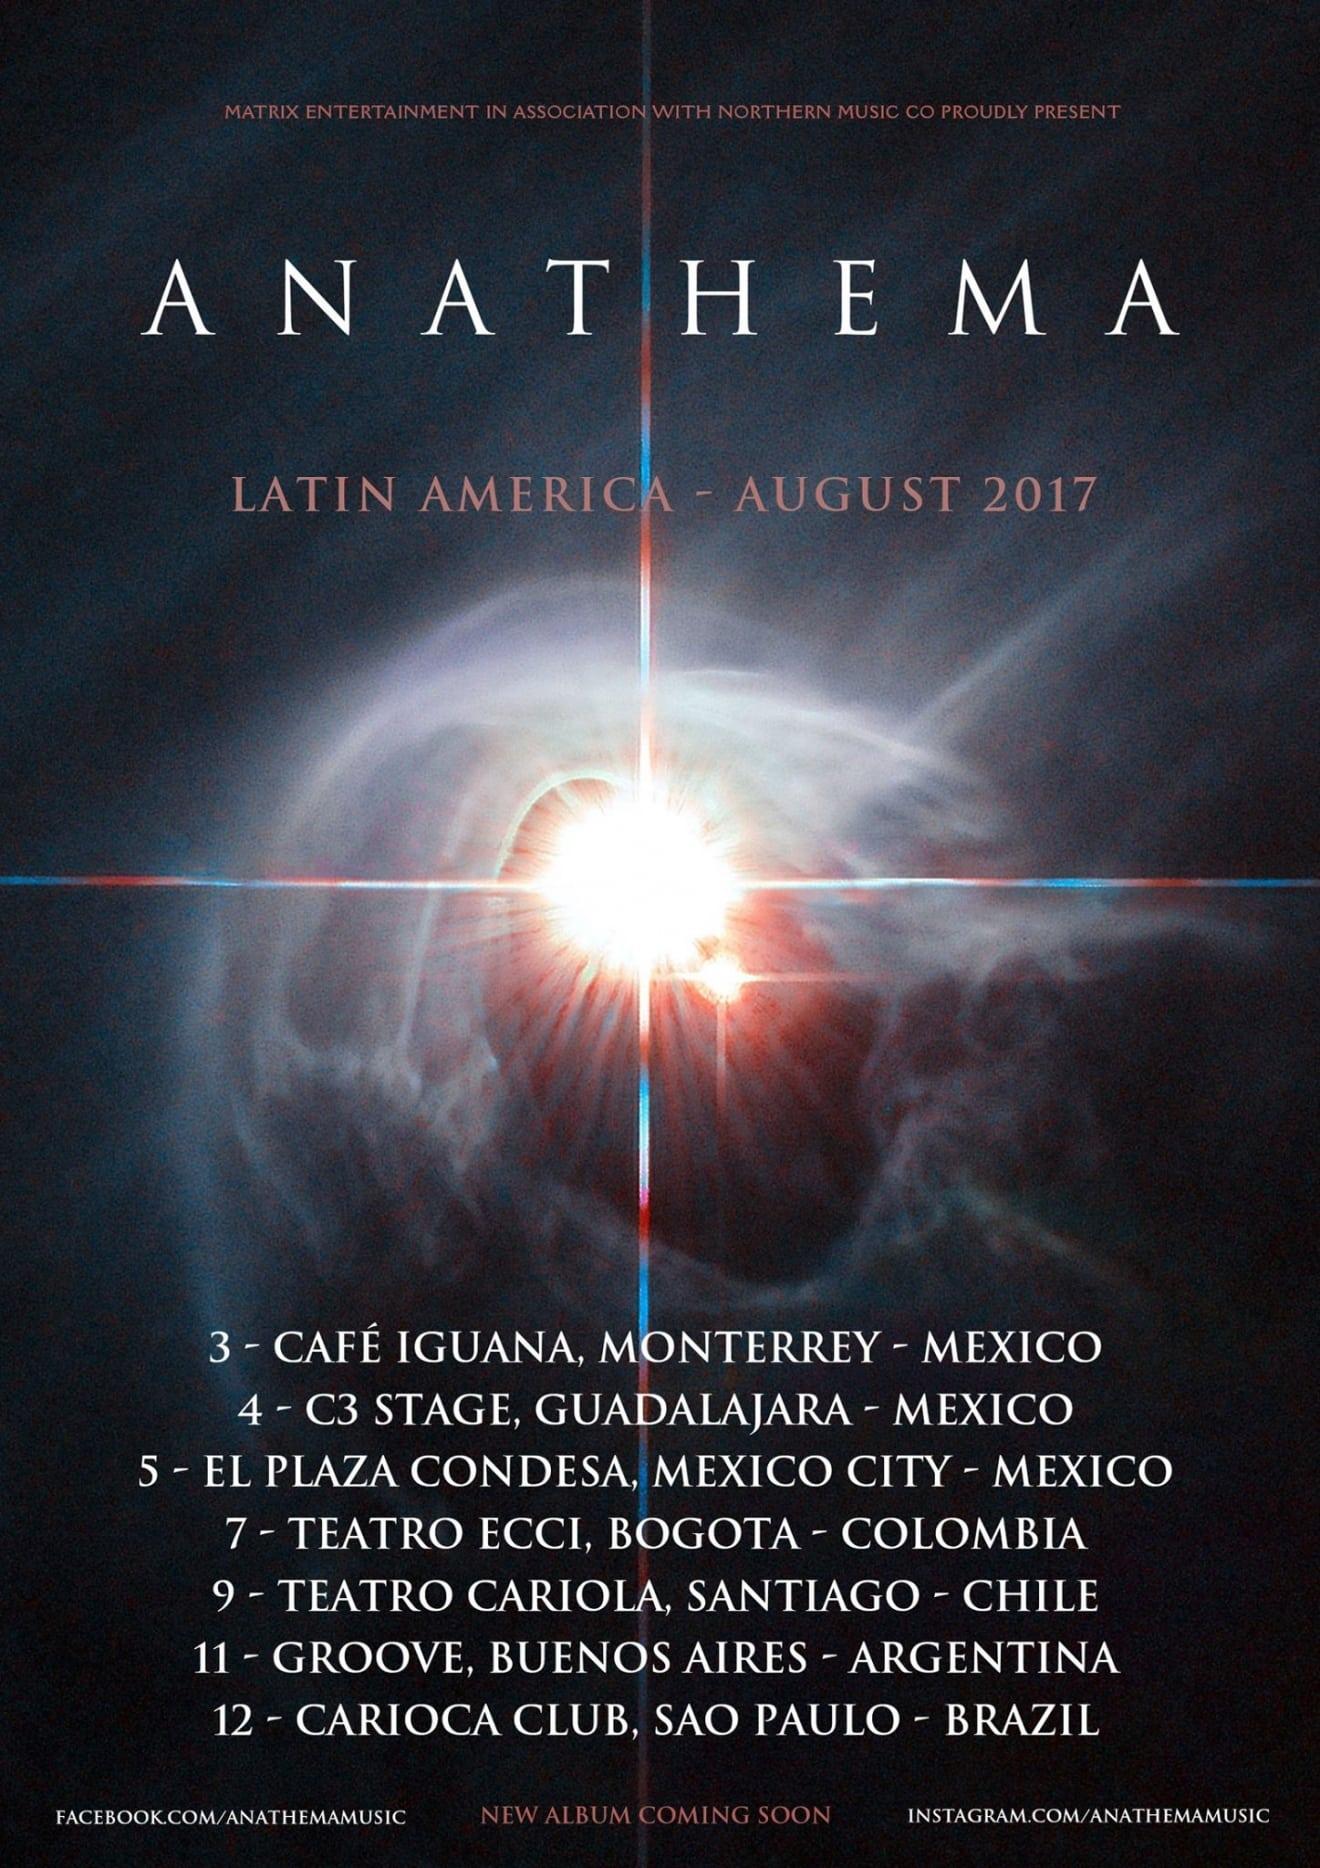 Anathema - Latin America Tour